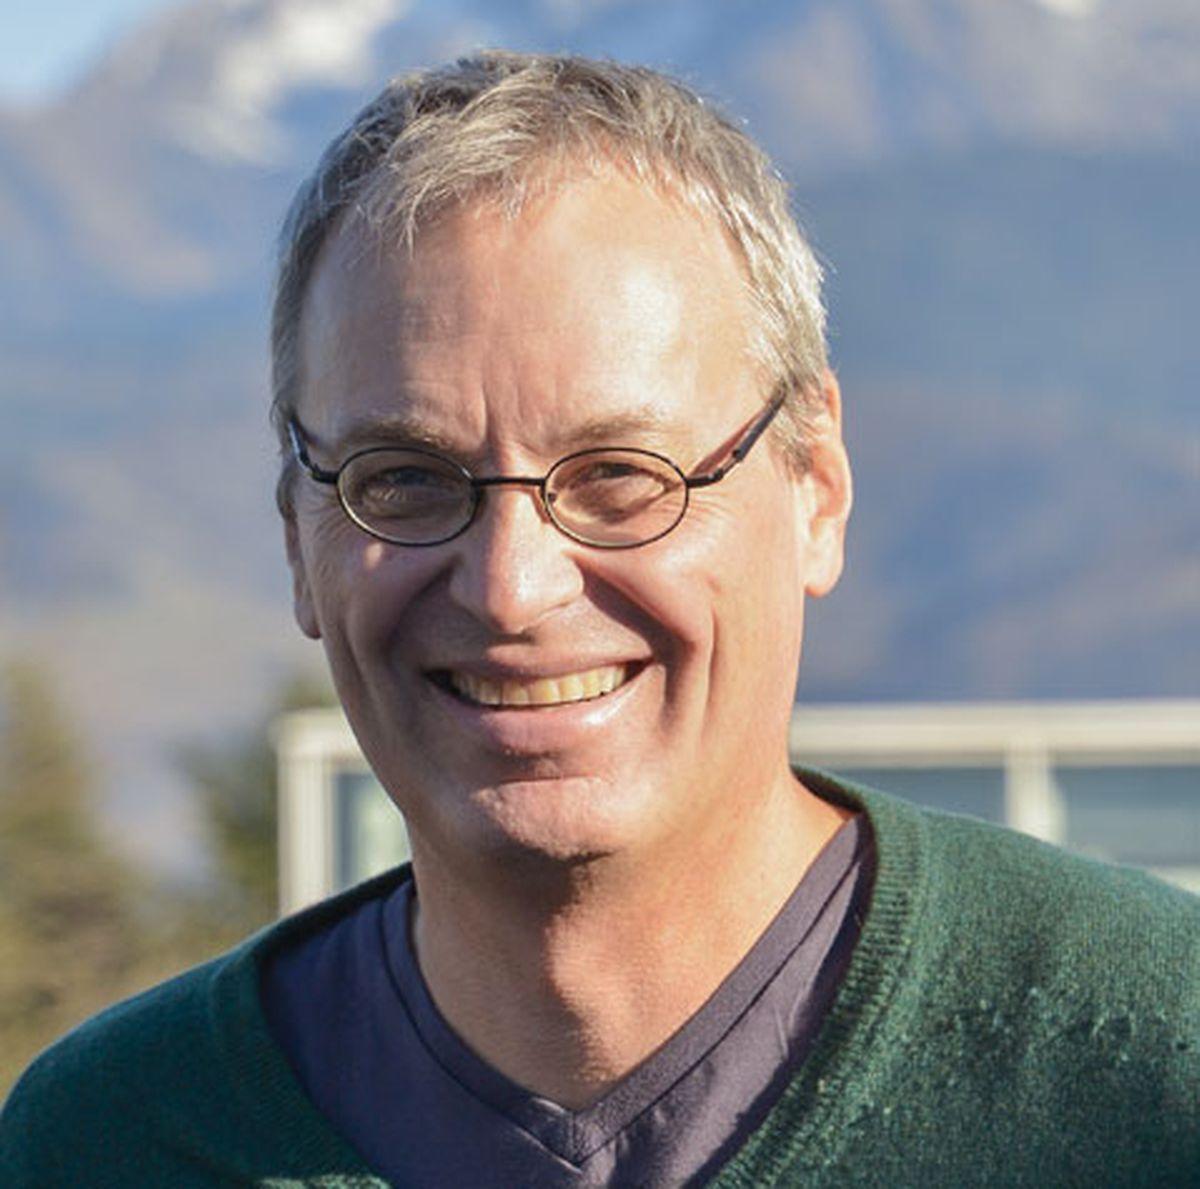 Emmanuel Abord de Chatillon, professeur à l'Université de Grenoble, travaille sur le monde du travail et ses effets néfastes.